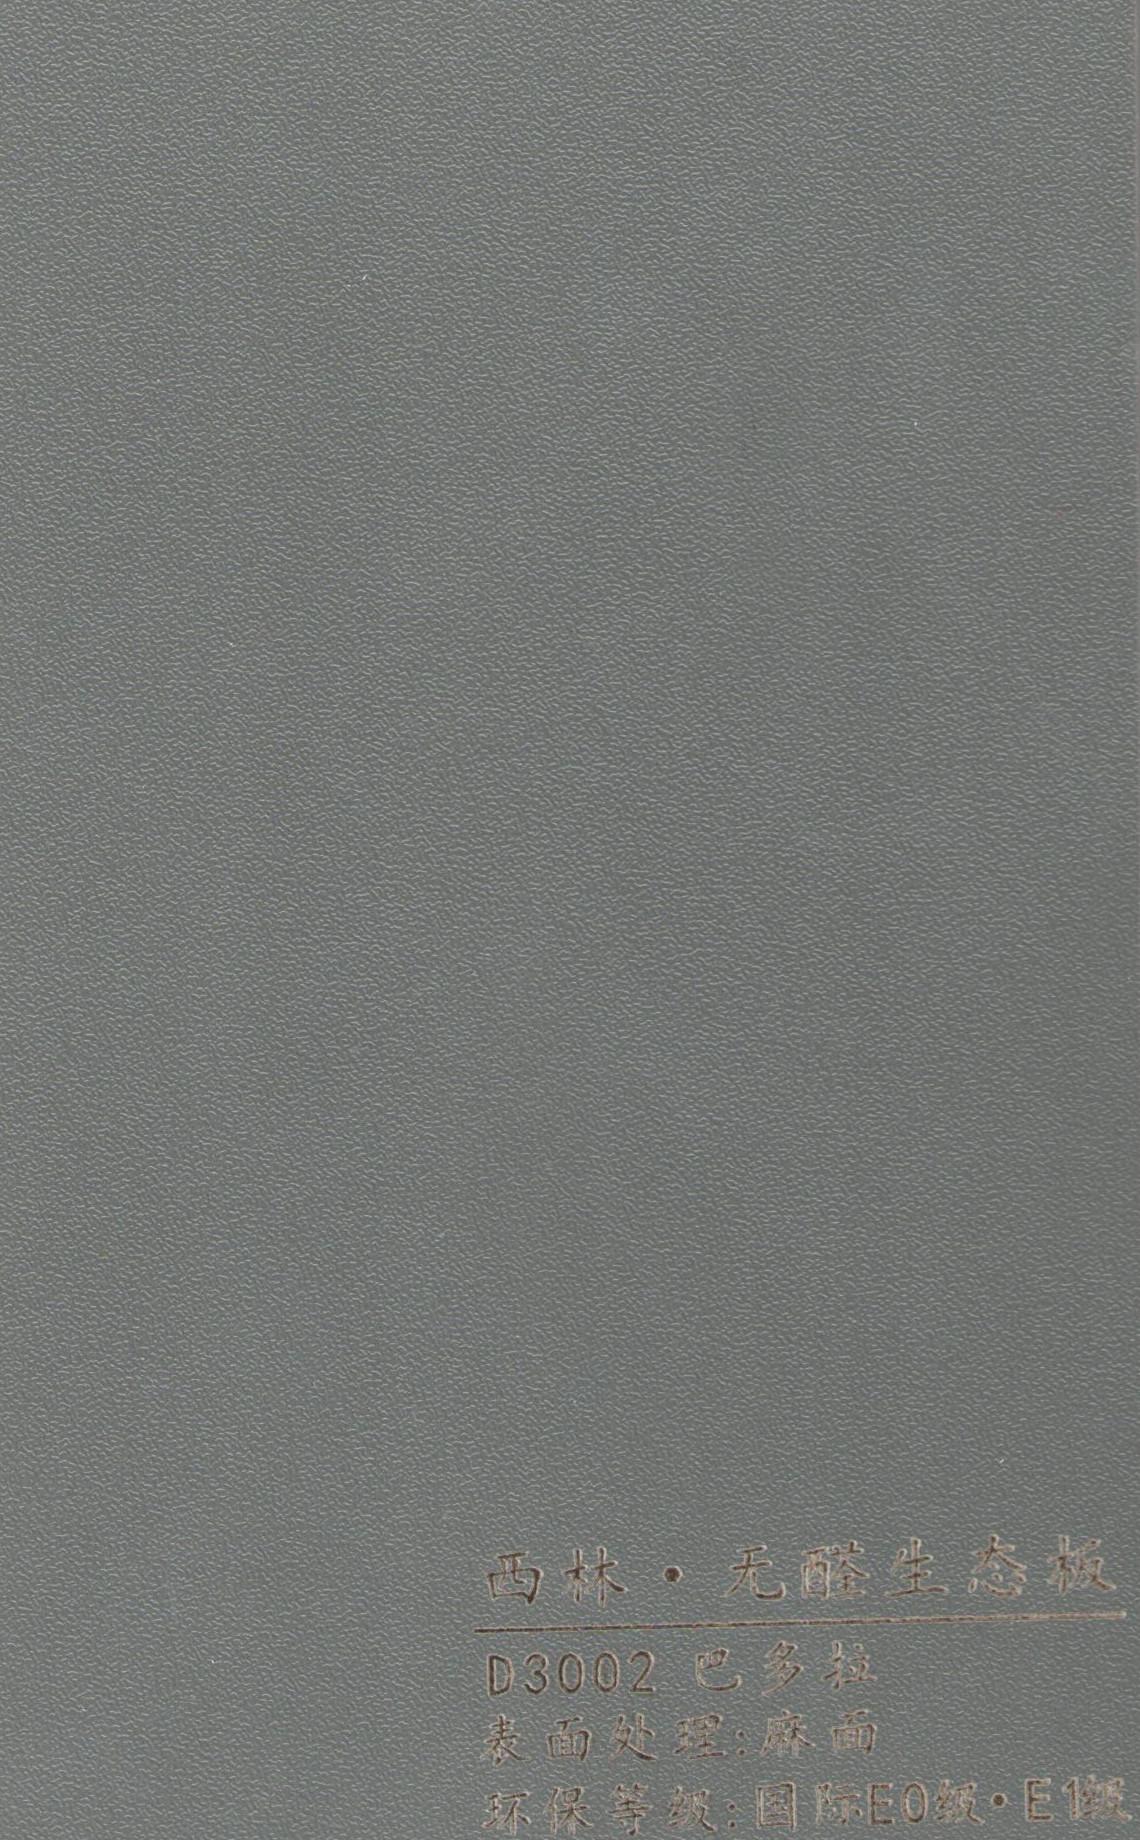 西林 D3002巴多拉